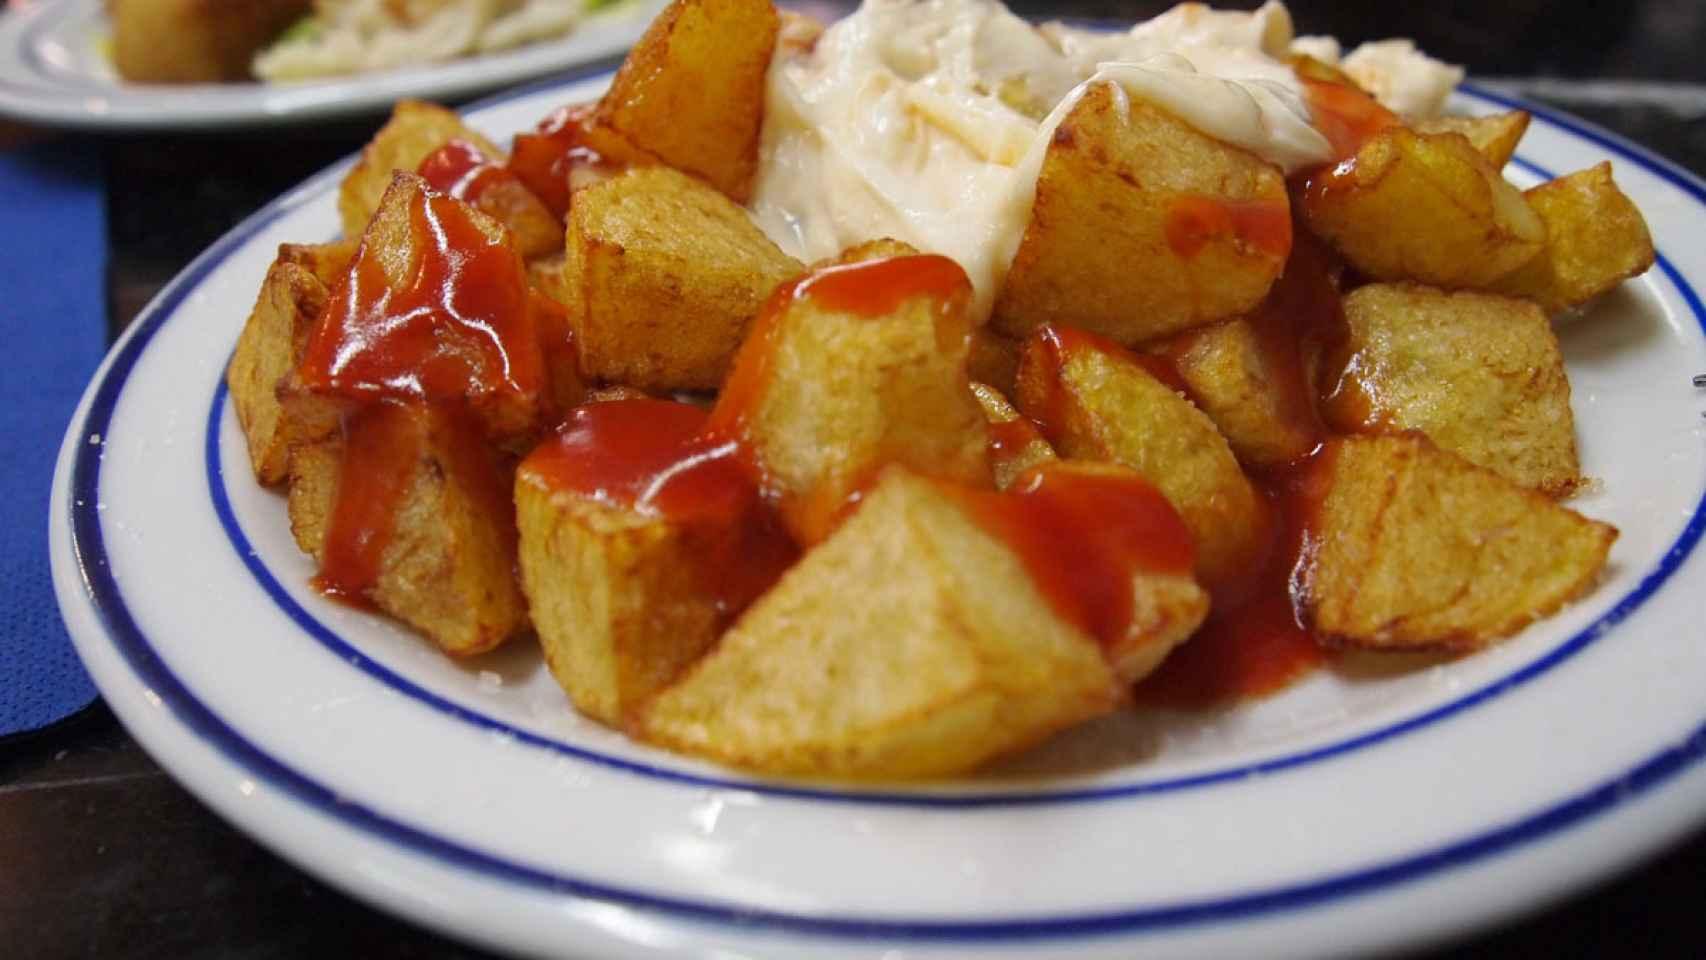 Un plato de patatas bravas... de lo más típico de nuestra gastronomía.